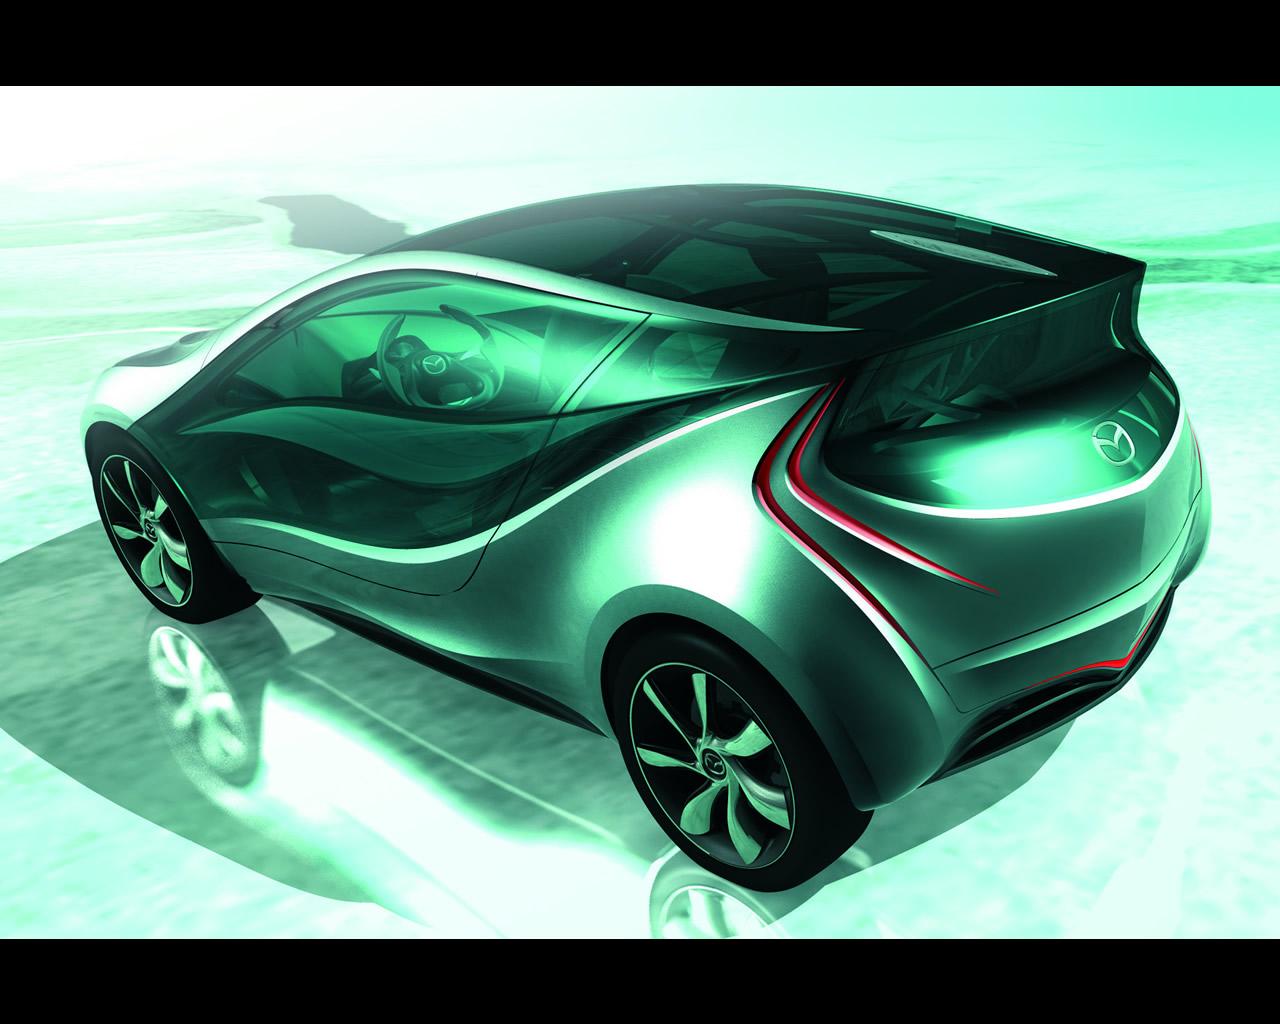 http://autoconcept-reviews.com/cars_reviews/mazda/mazda-kiyora-concept-2008/wallpaper/Mazda_Kiyora_CGI2.jpg